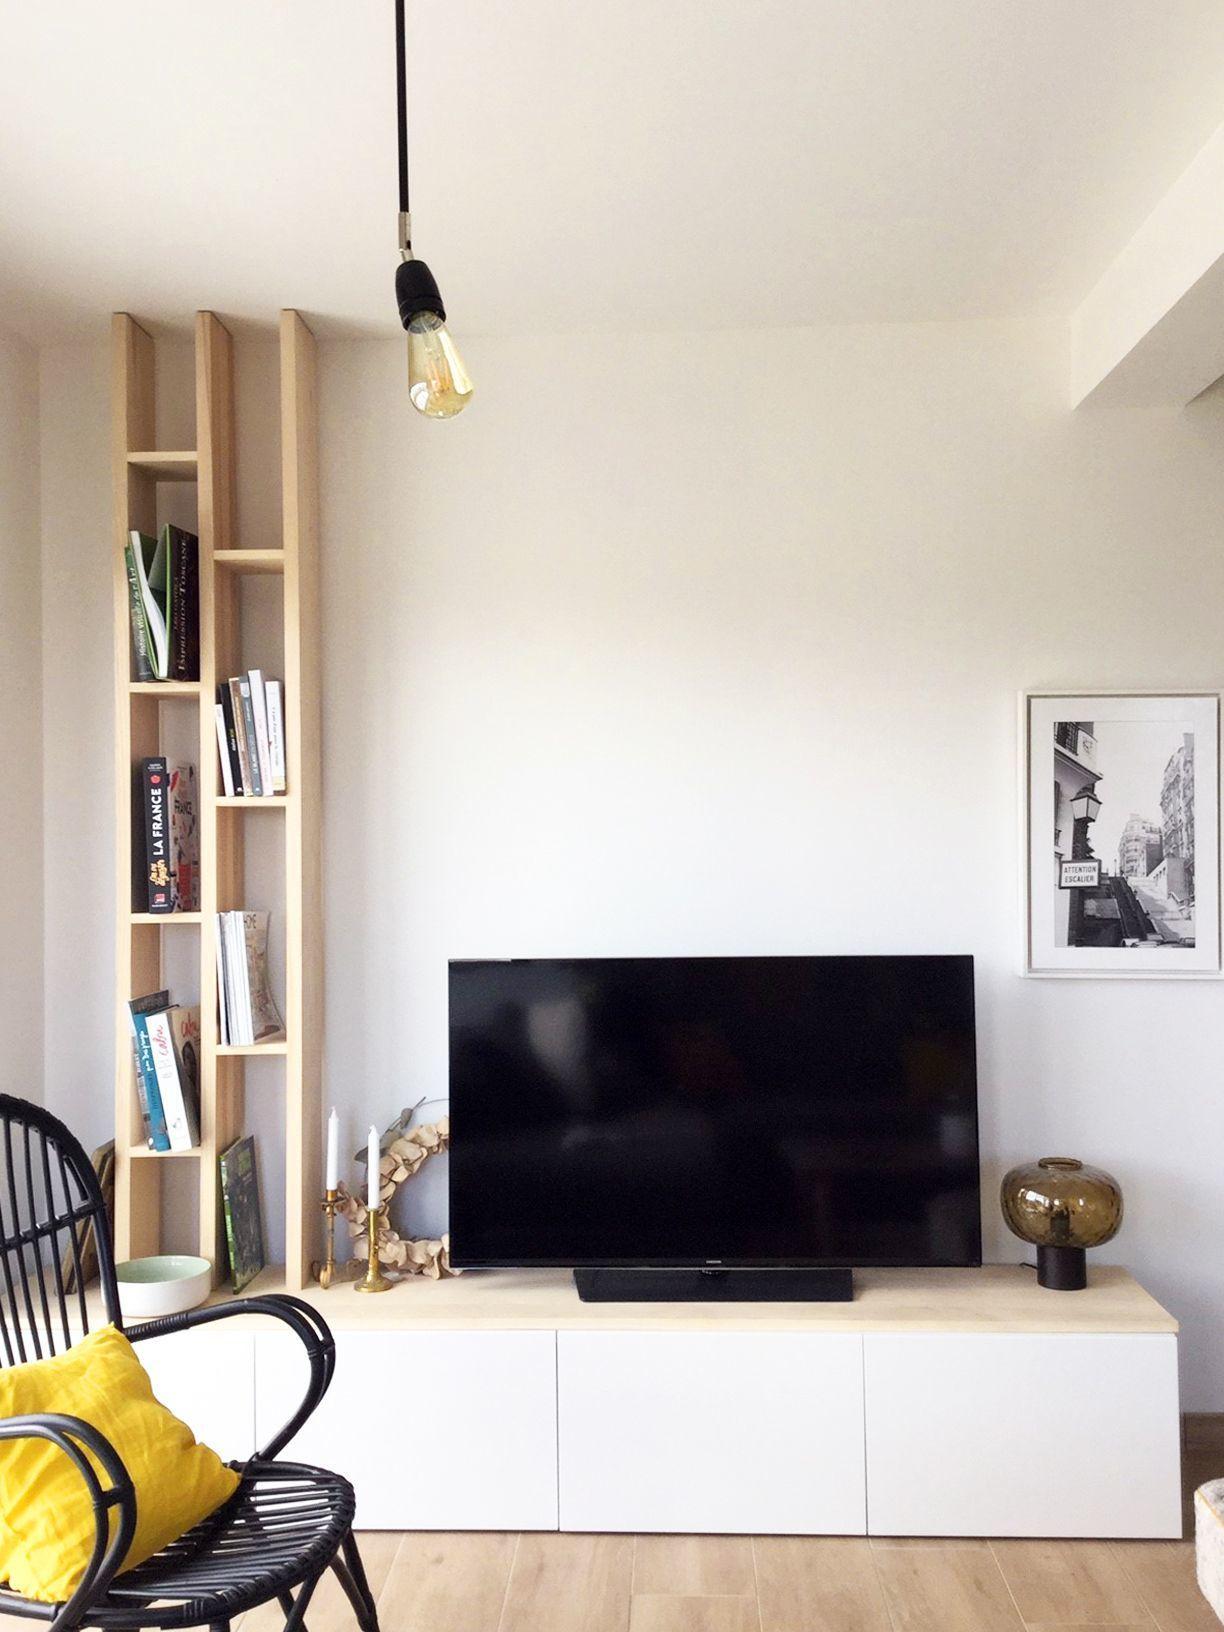 Decoration Et Amenagement D Une Maison Neuve A Bayeux Pres De Caen Living Room Decor Apartment Salon Maison Salon Tele